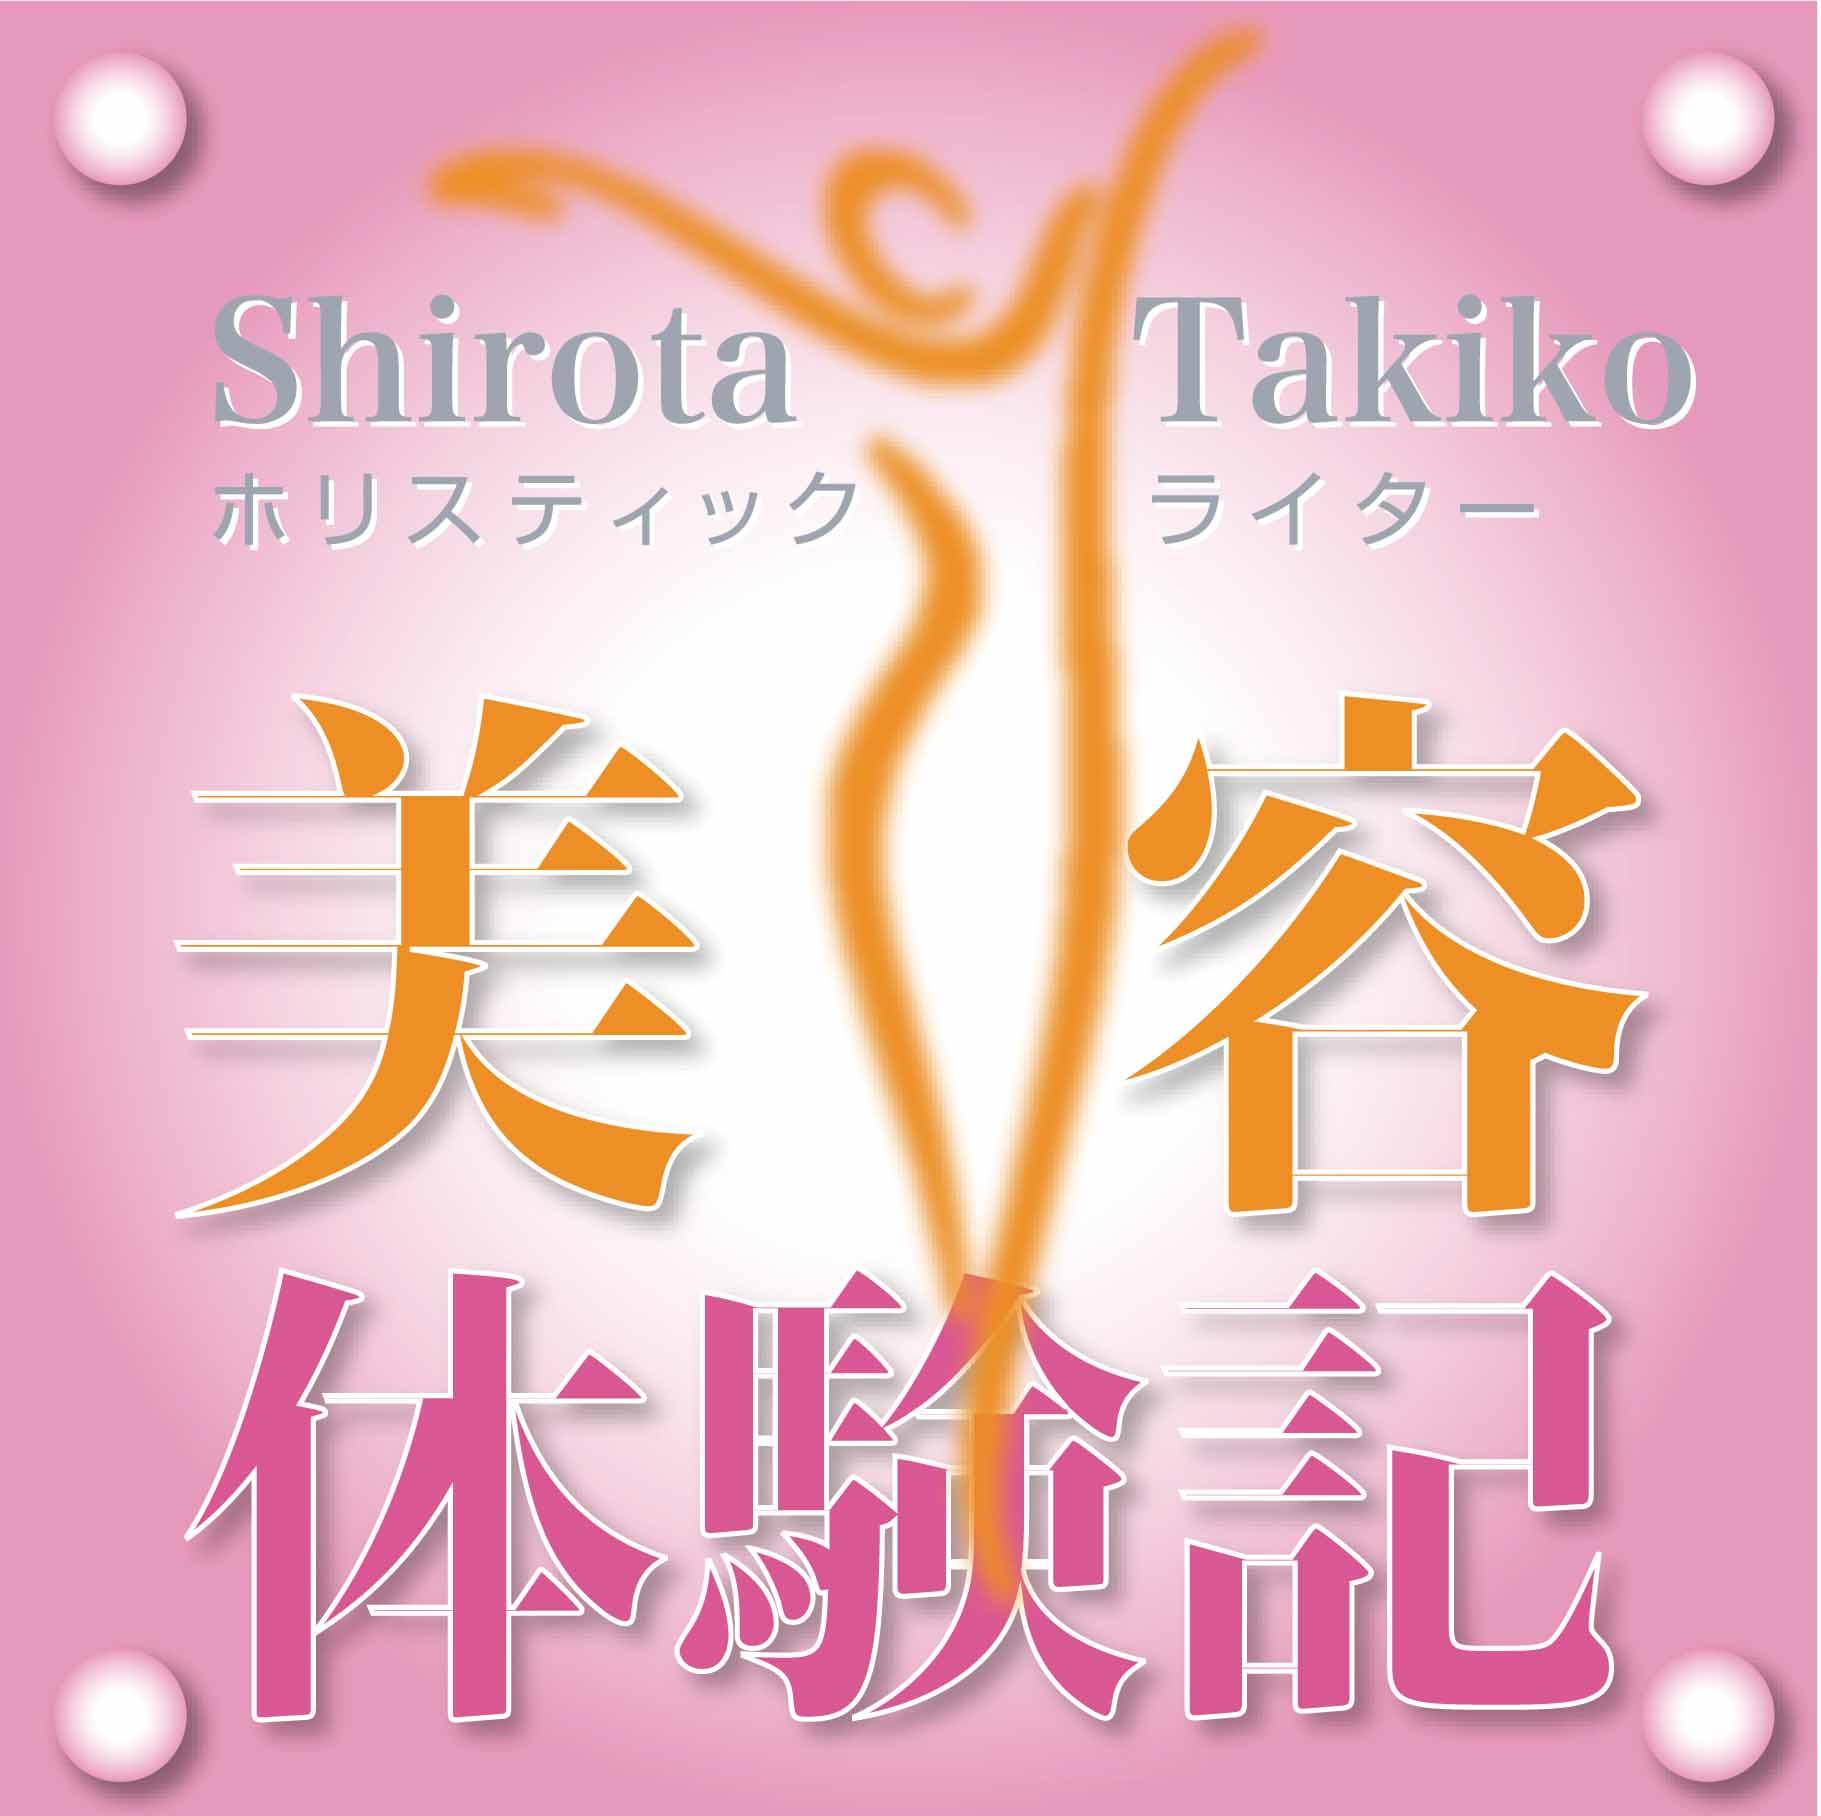 本紙ライター代田多喜子の美容体験記6 「フォースカッタークリーム体験!」